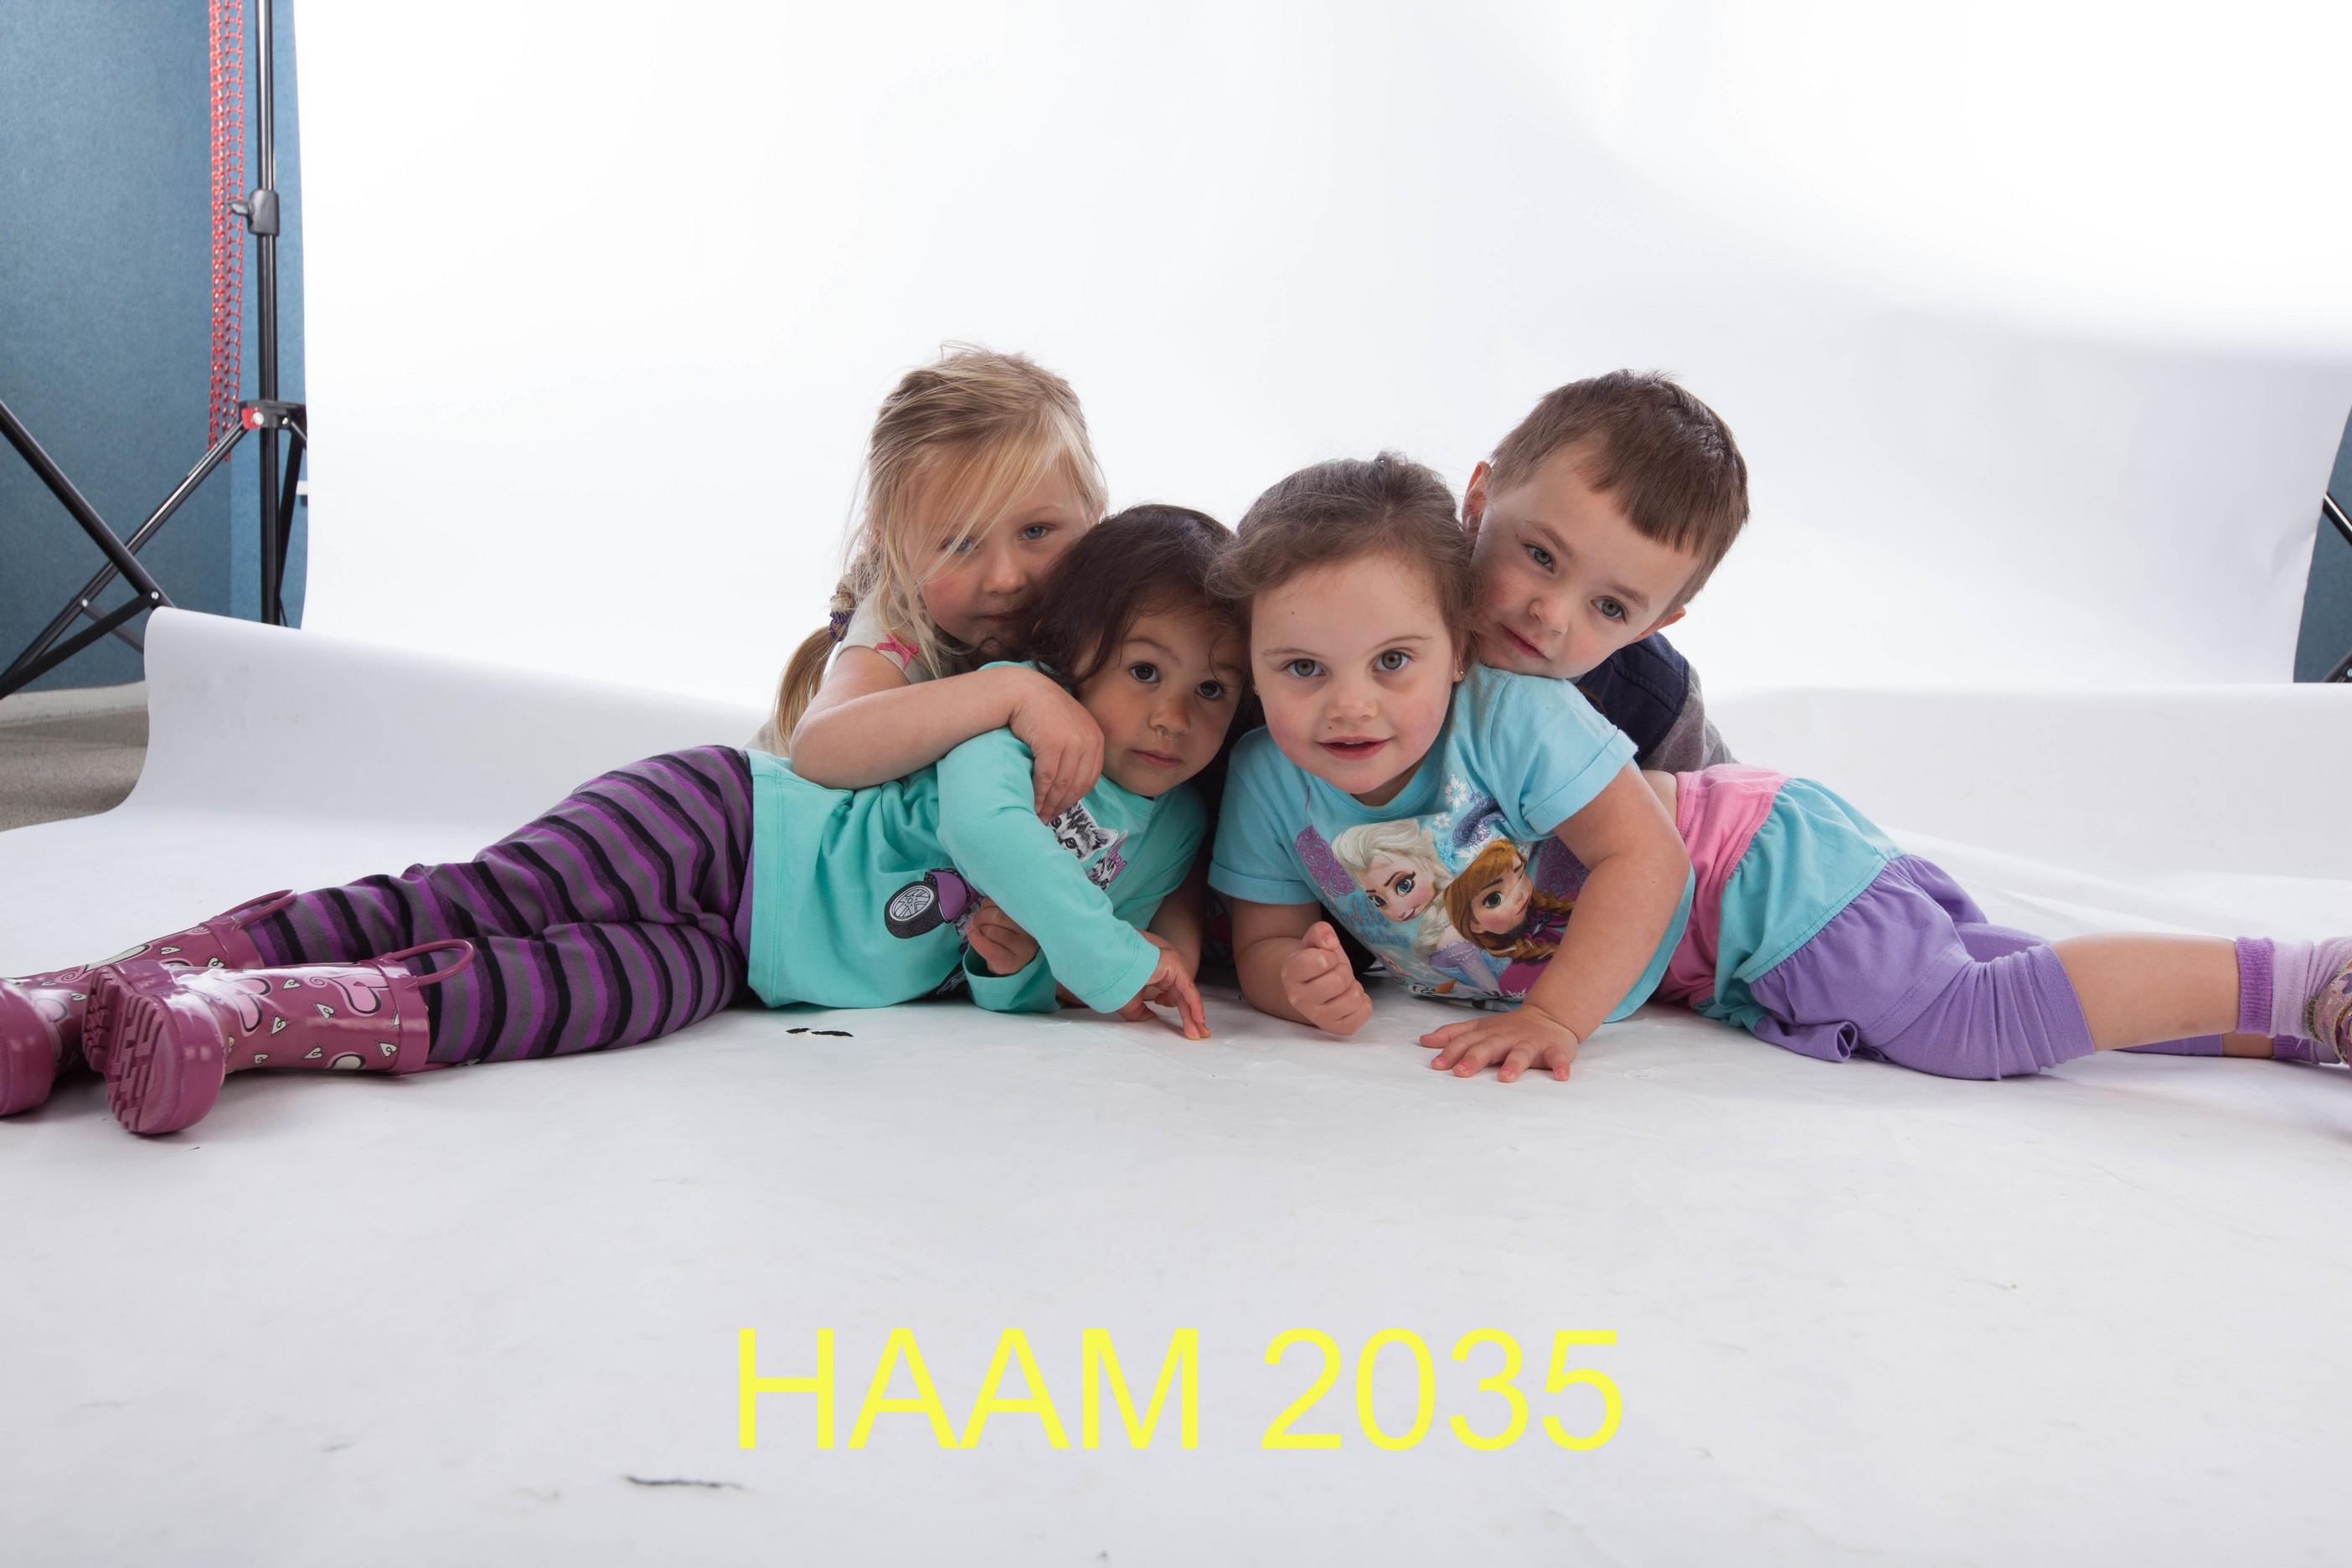 HAAM 2035